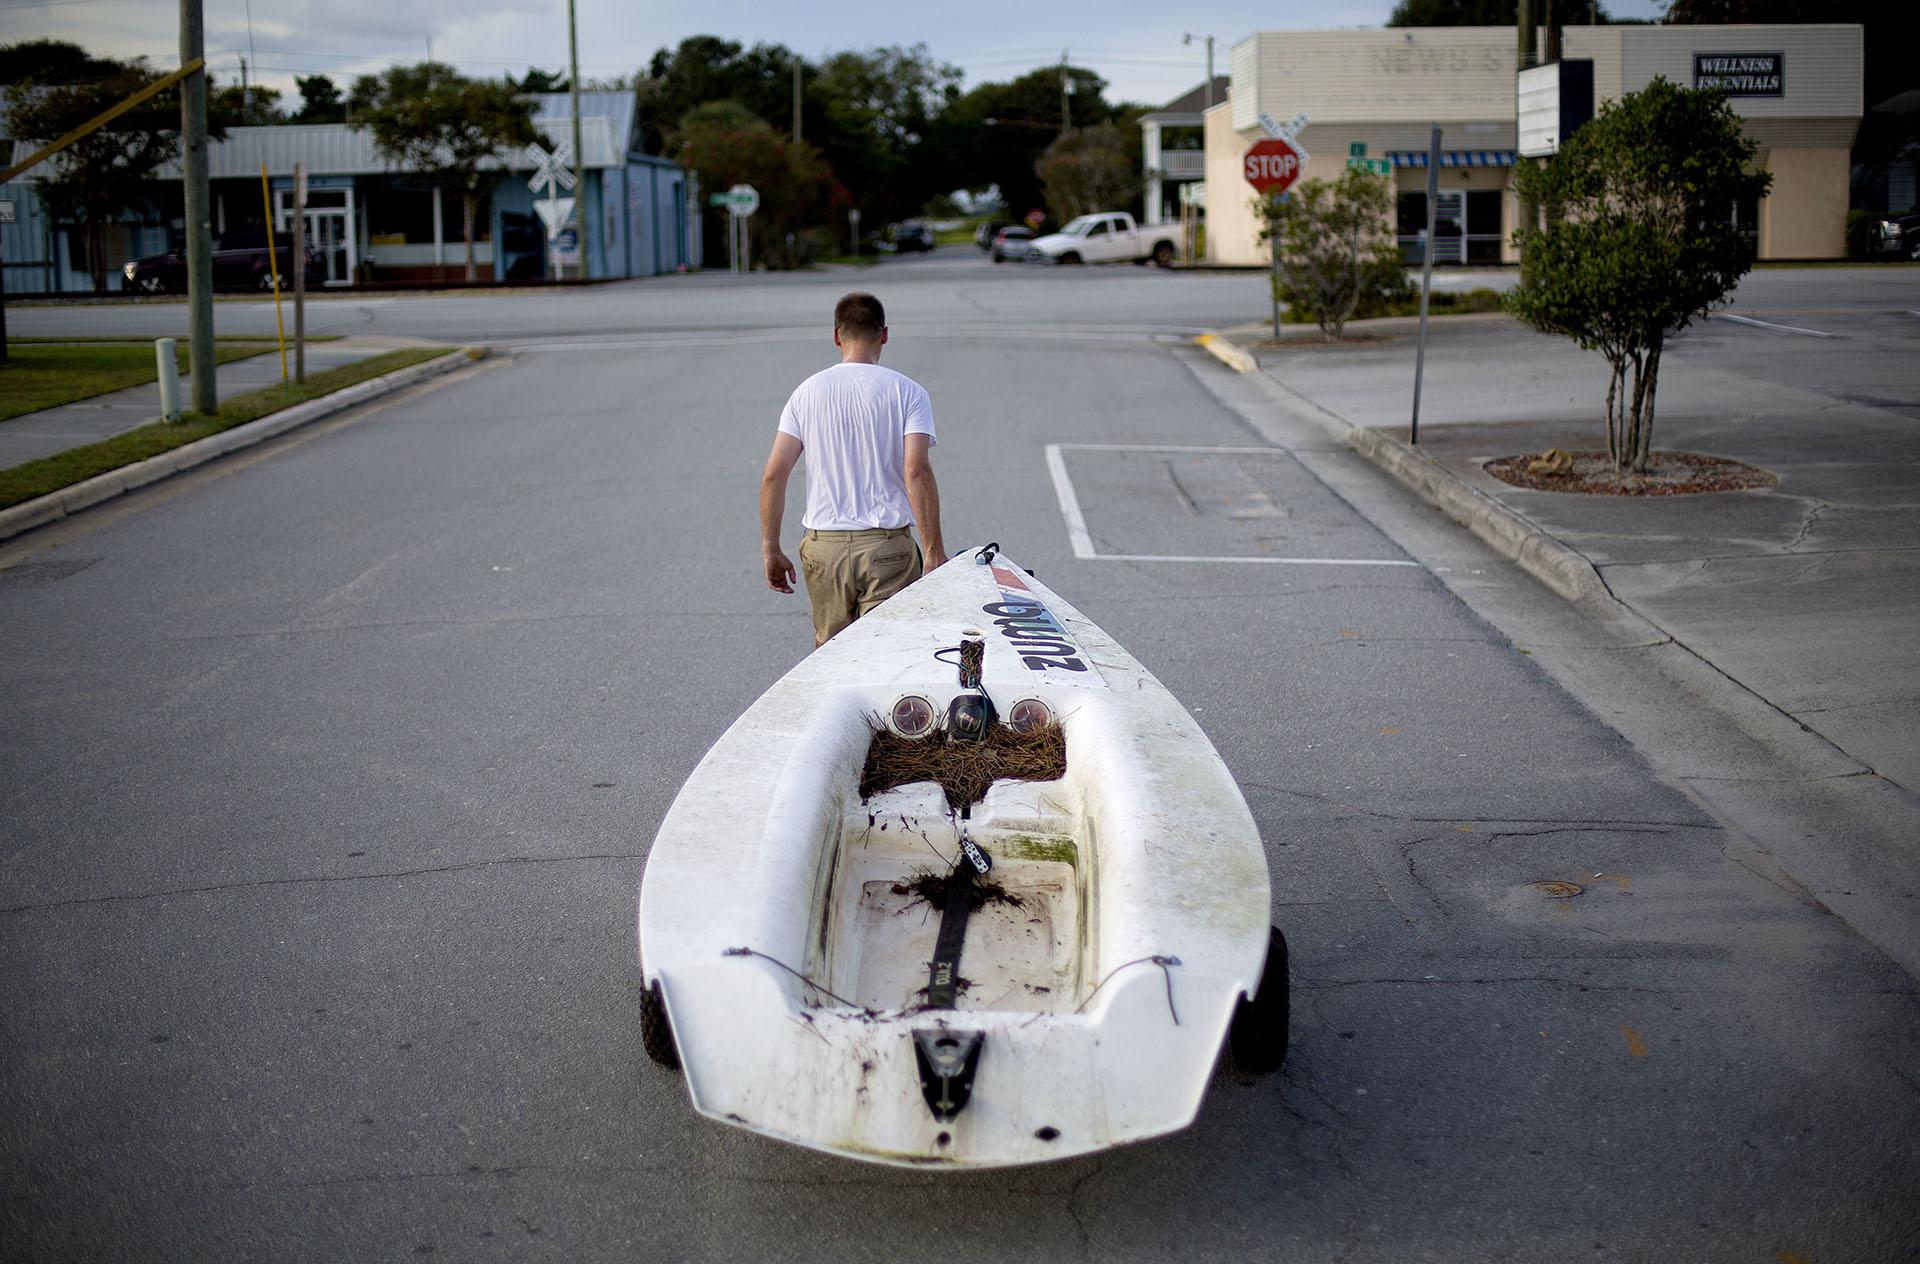 Emmett West saca su bote de un puerto deportivo cercano para asegurarlo en su casa frente al huracán Florence en Morehead City, Carolina del Norte (AP Photo/David Goldman)